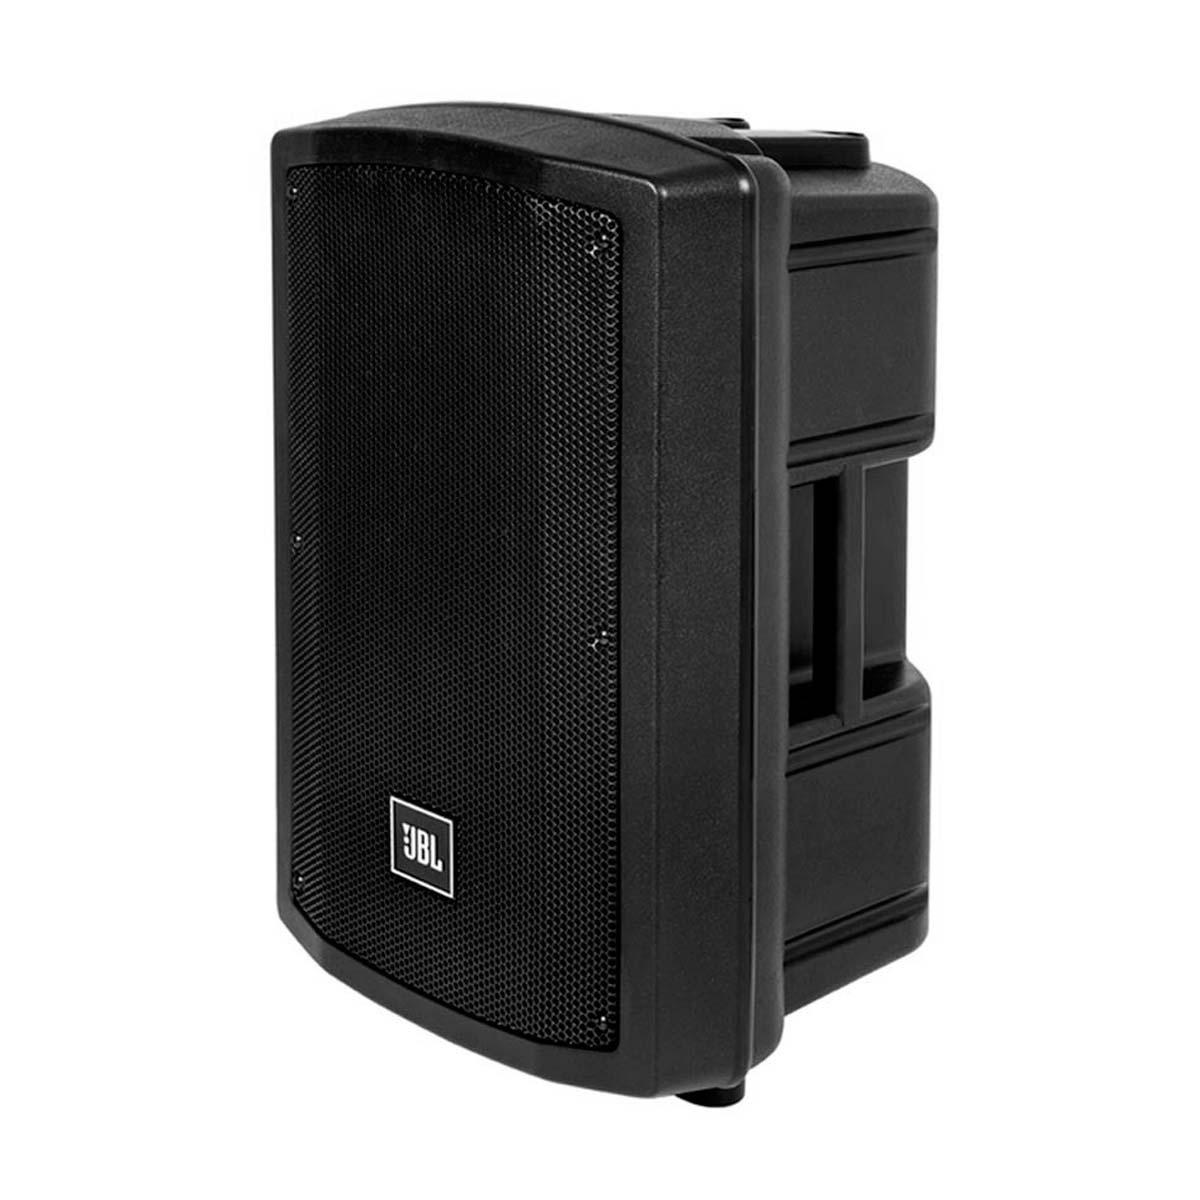 Caixa Ativa Fal 8 Pol 50W c/ USB / Bluetooth - JS 8 BT USB JBL